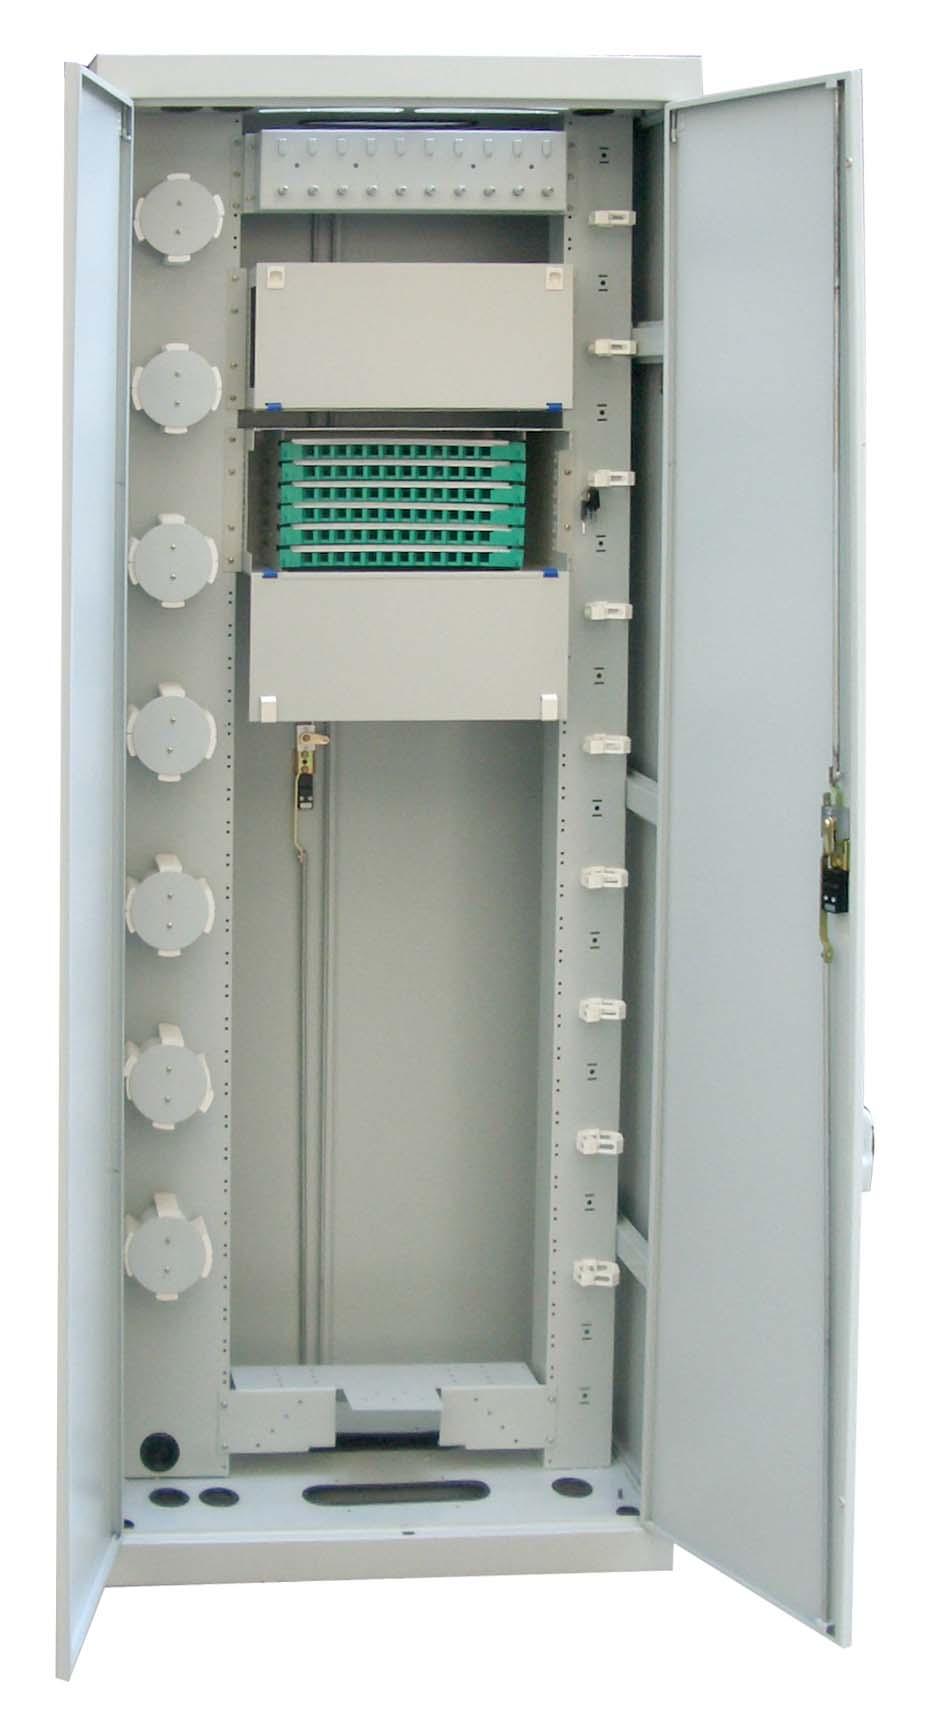 光纤配线架_光纤配线架供货商